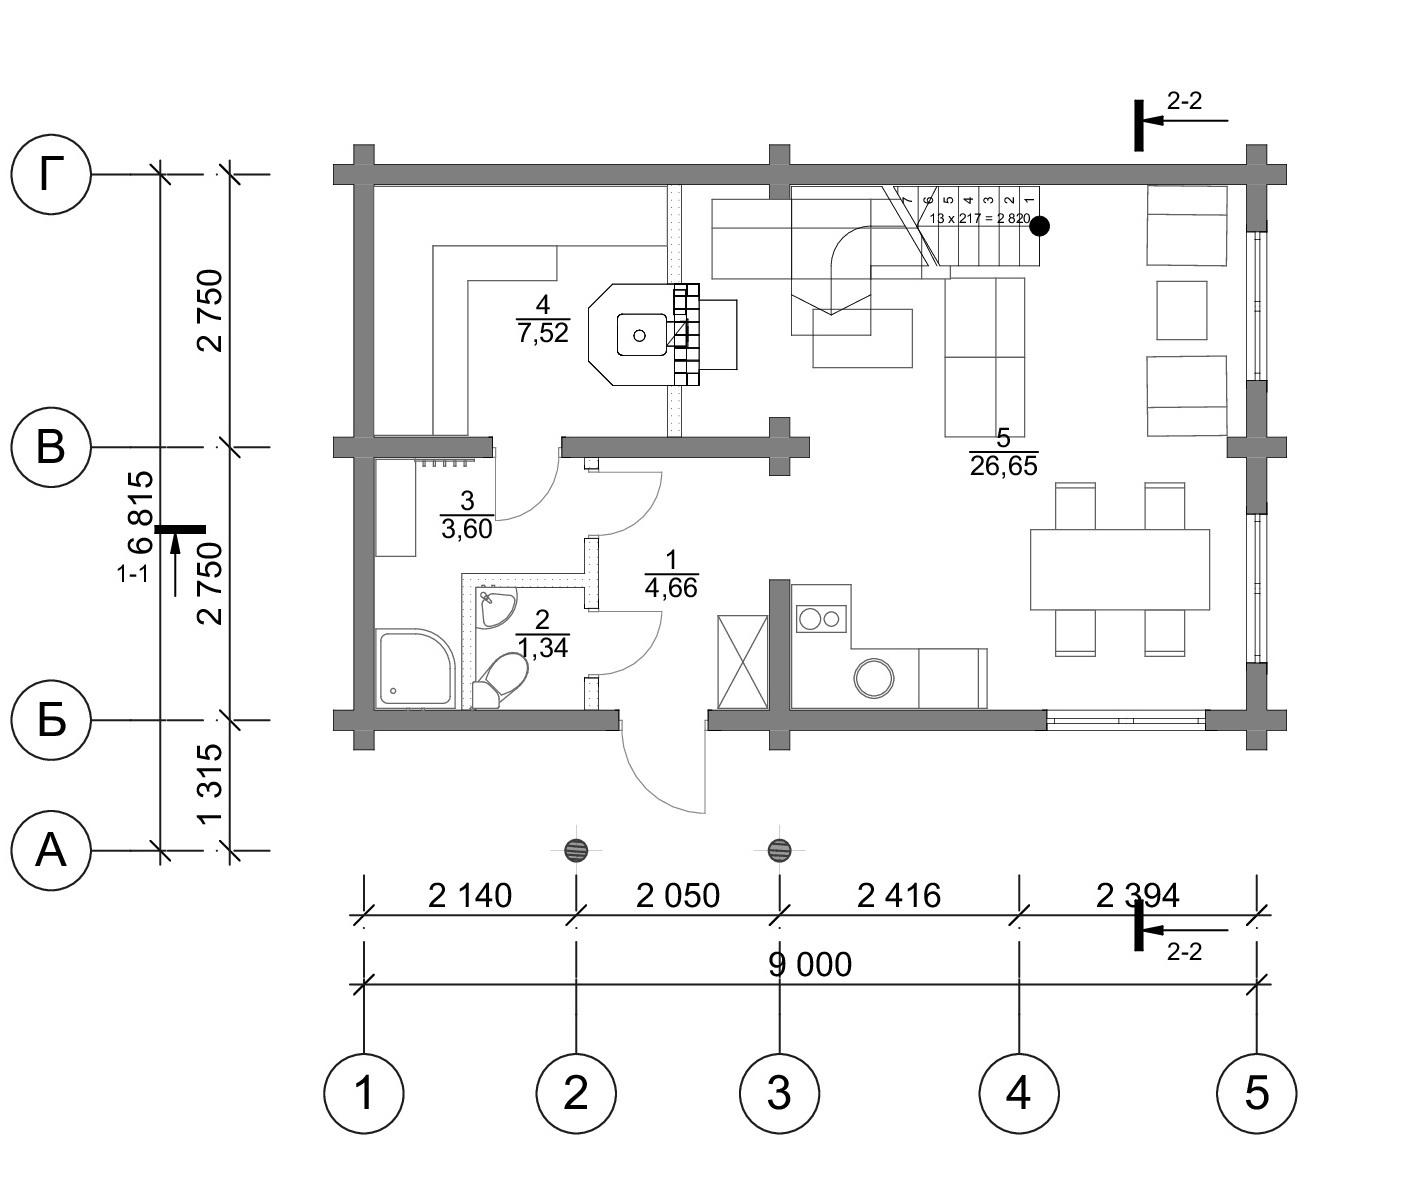 План первого этажа Ingolstadt BAN(Баня Ингольштадт)